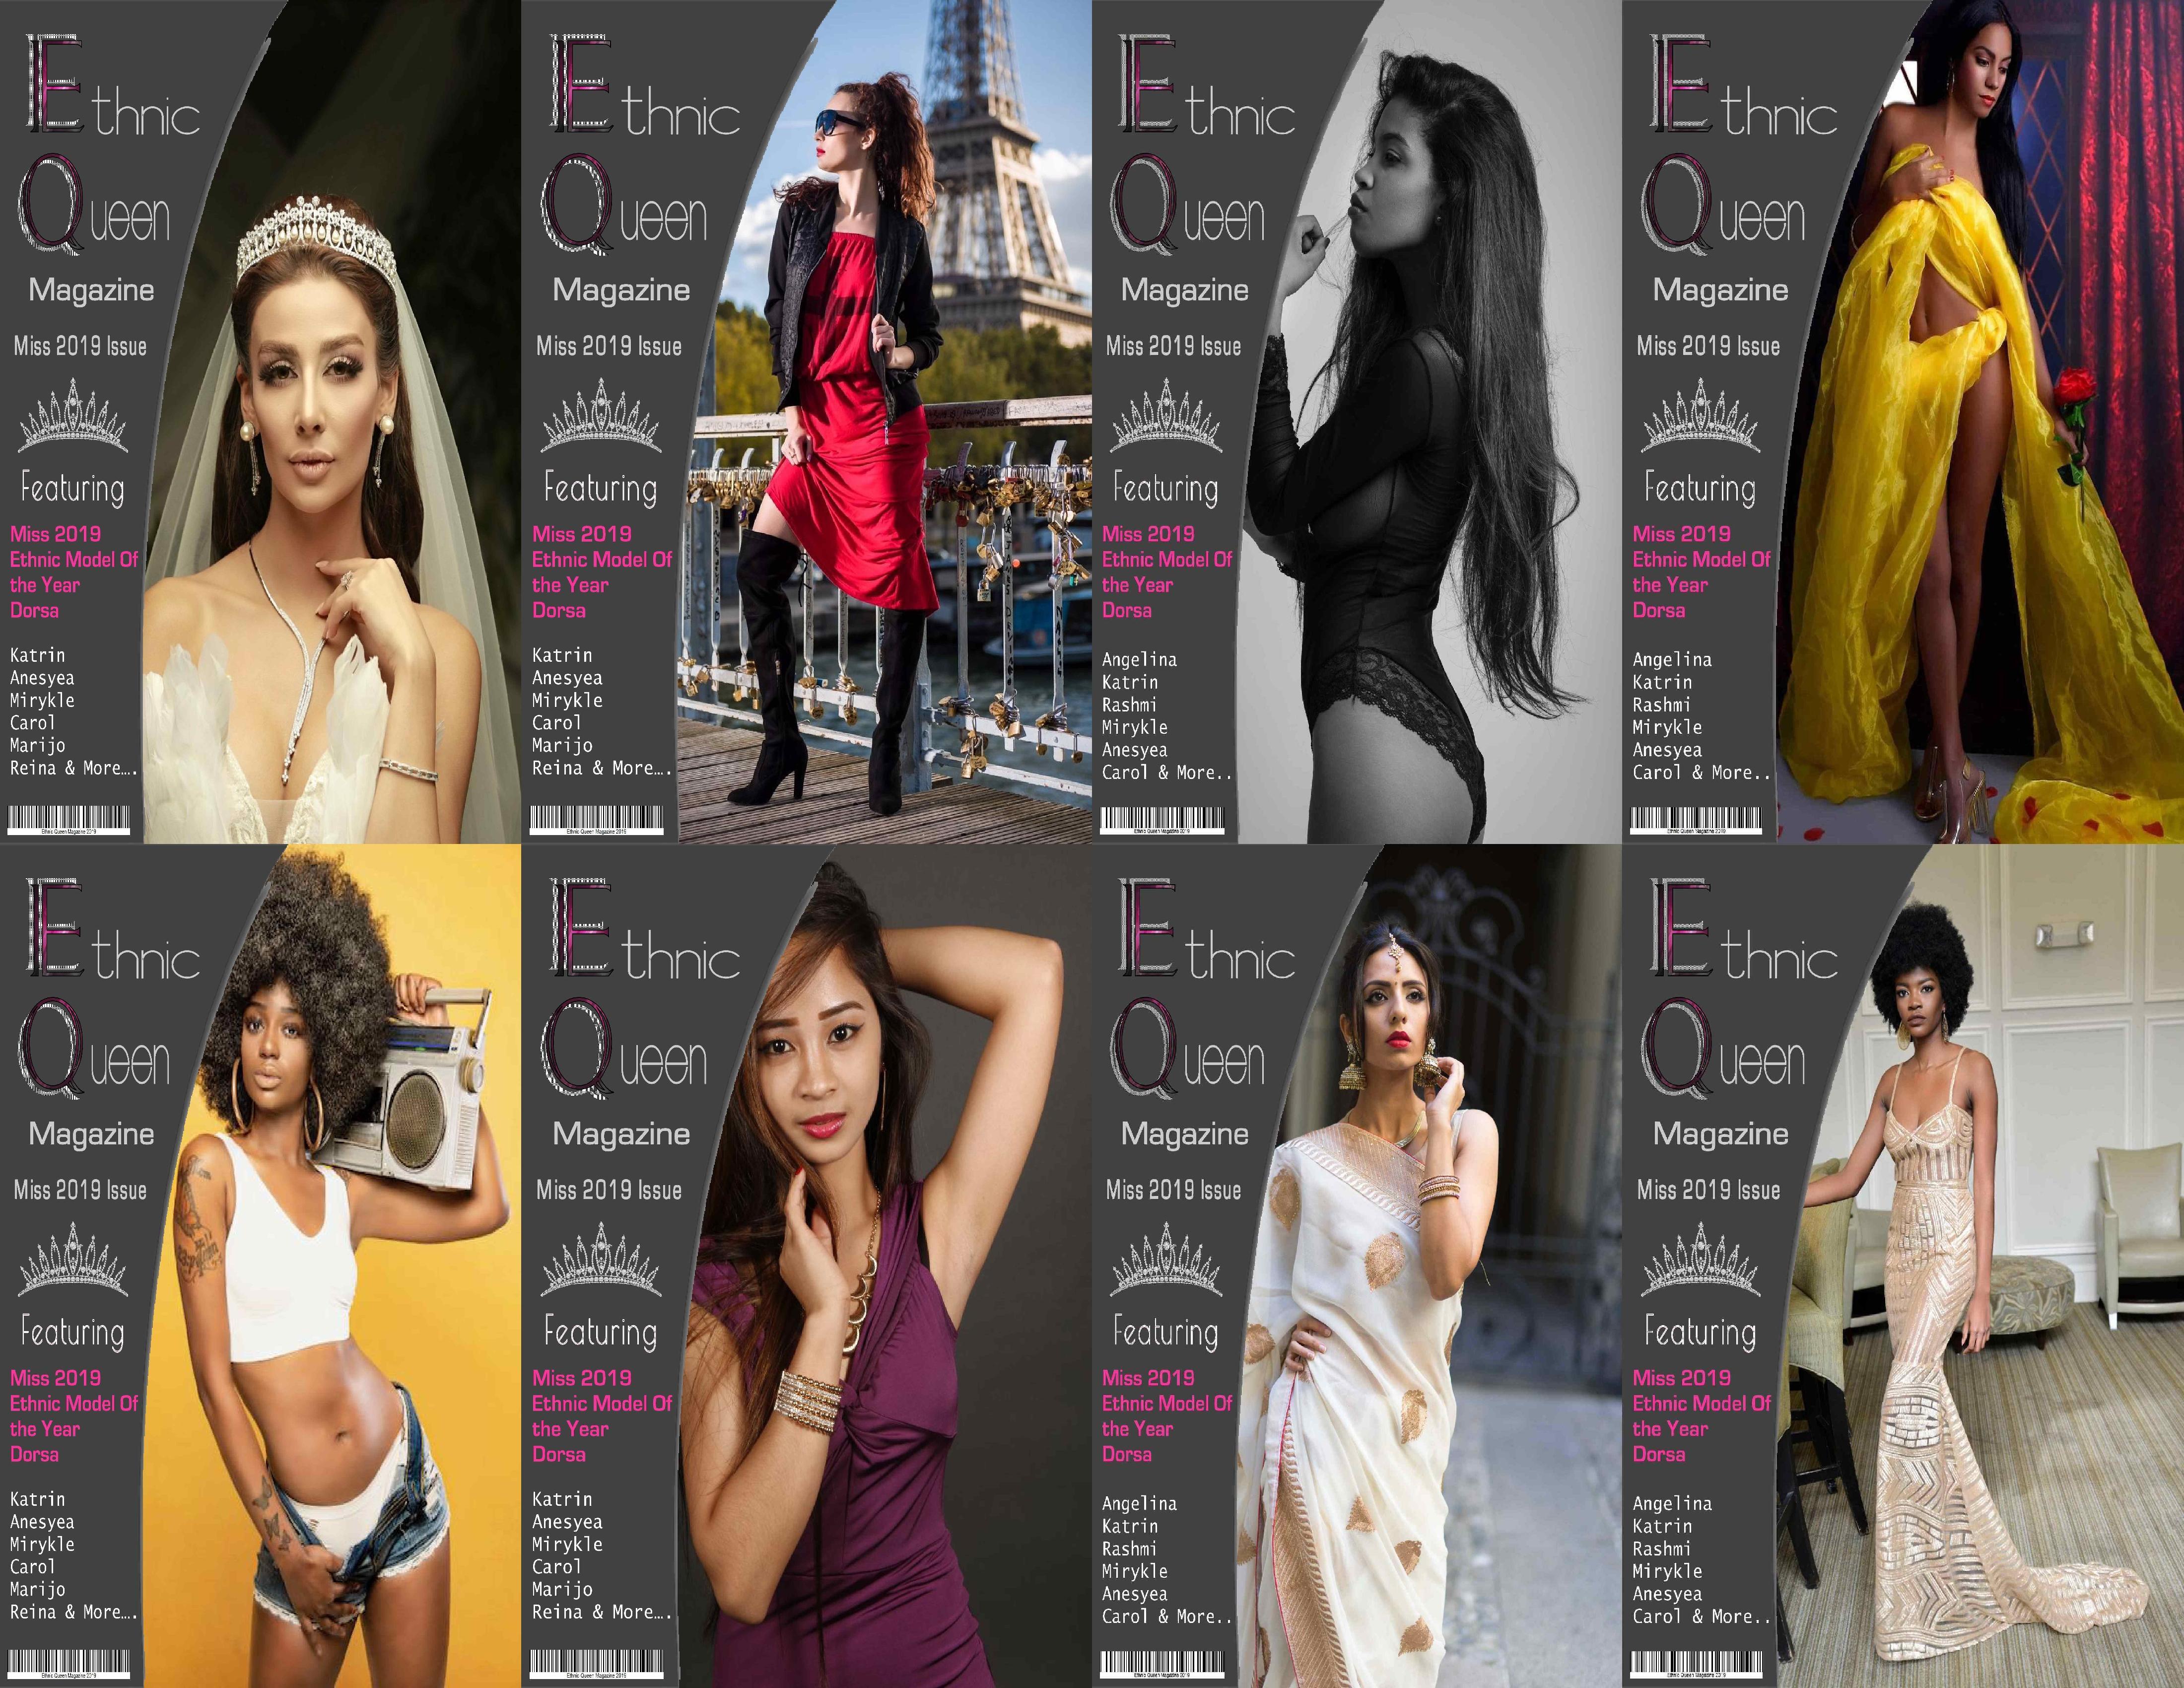 Ethnic Queen Magazine Free 2020 Magazine Modeling Contest